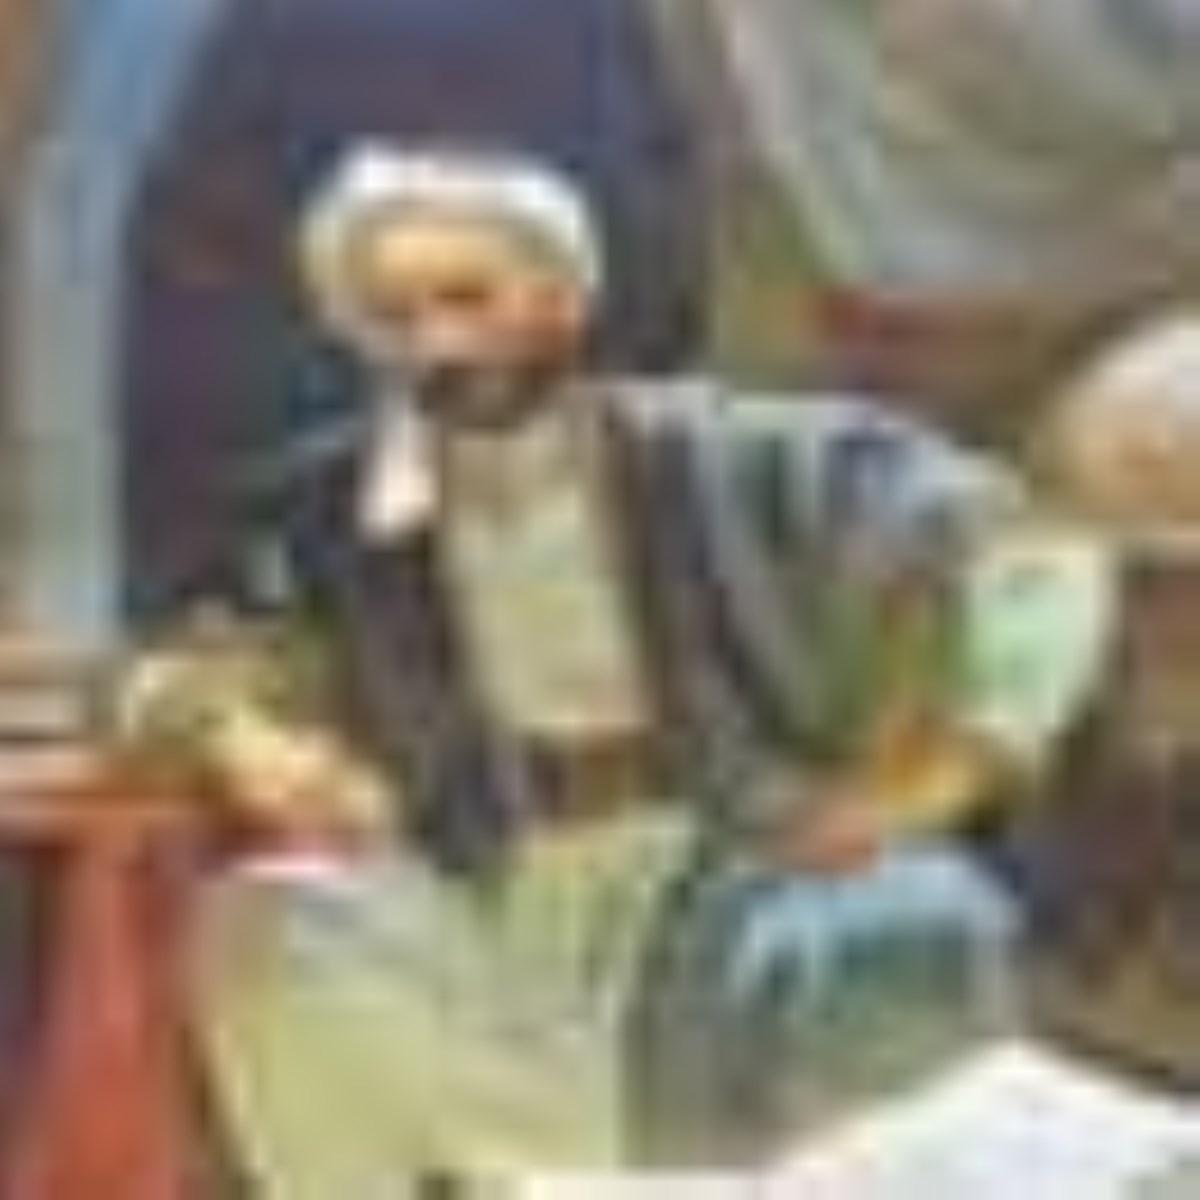 خواجه نصير الدين طوسي و ترويج انديشه ي سياسي شيعه